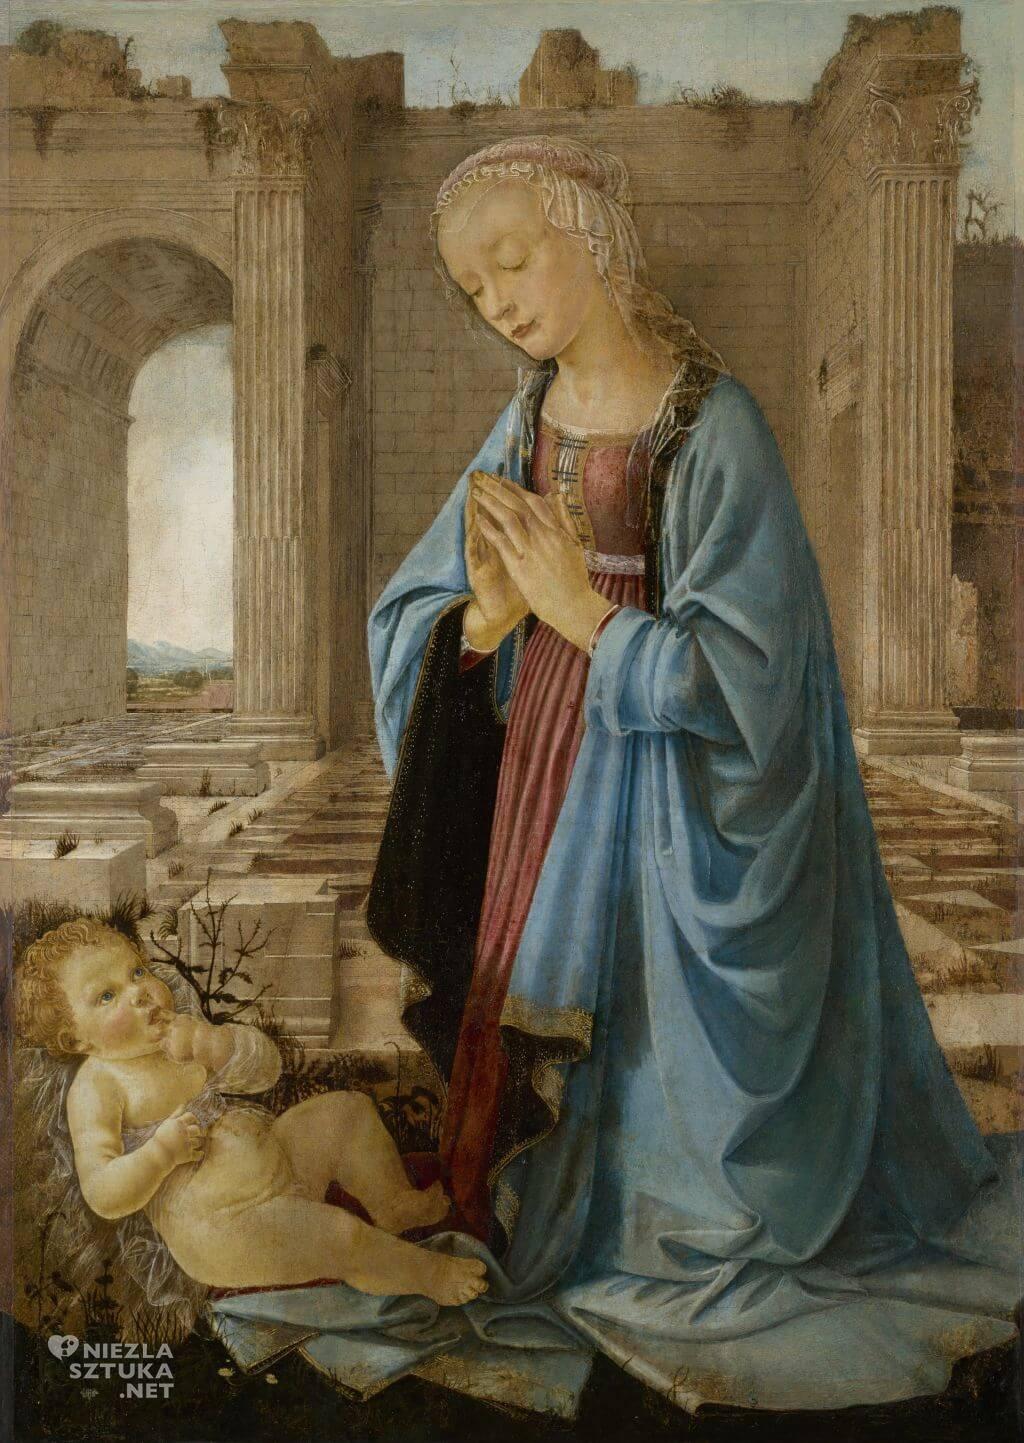 Domenico del Ghirlandaio, Madonna adorująca Dzieciątko, Madonna Ruskina, sztuka włoska, Niezła sztuka